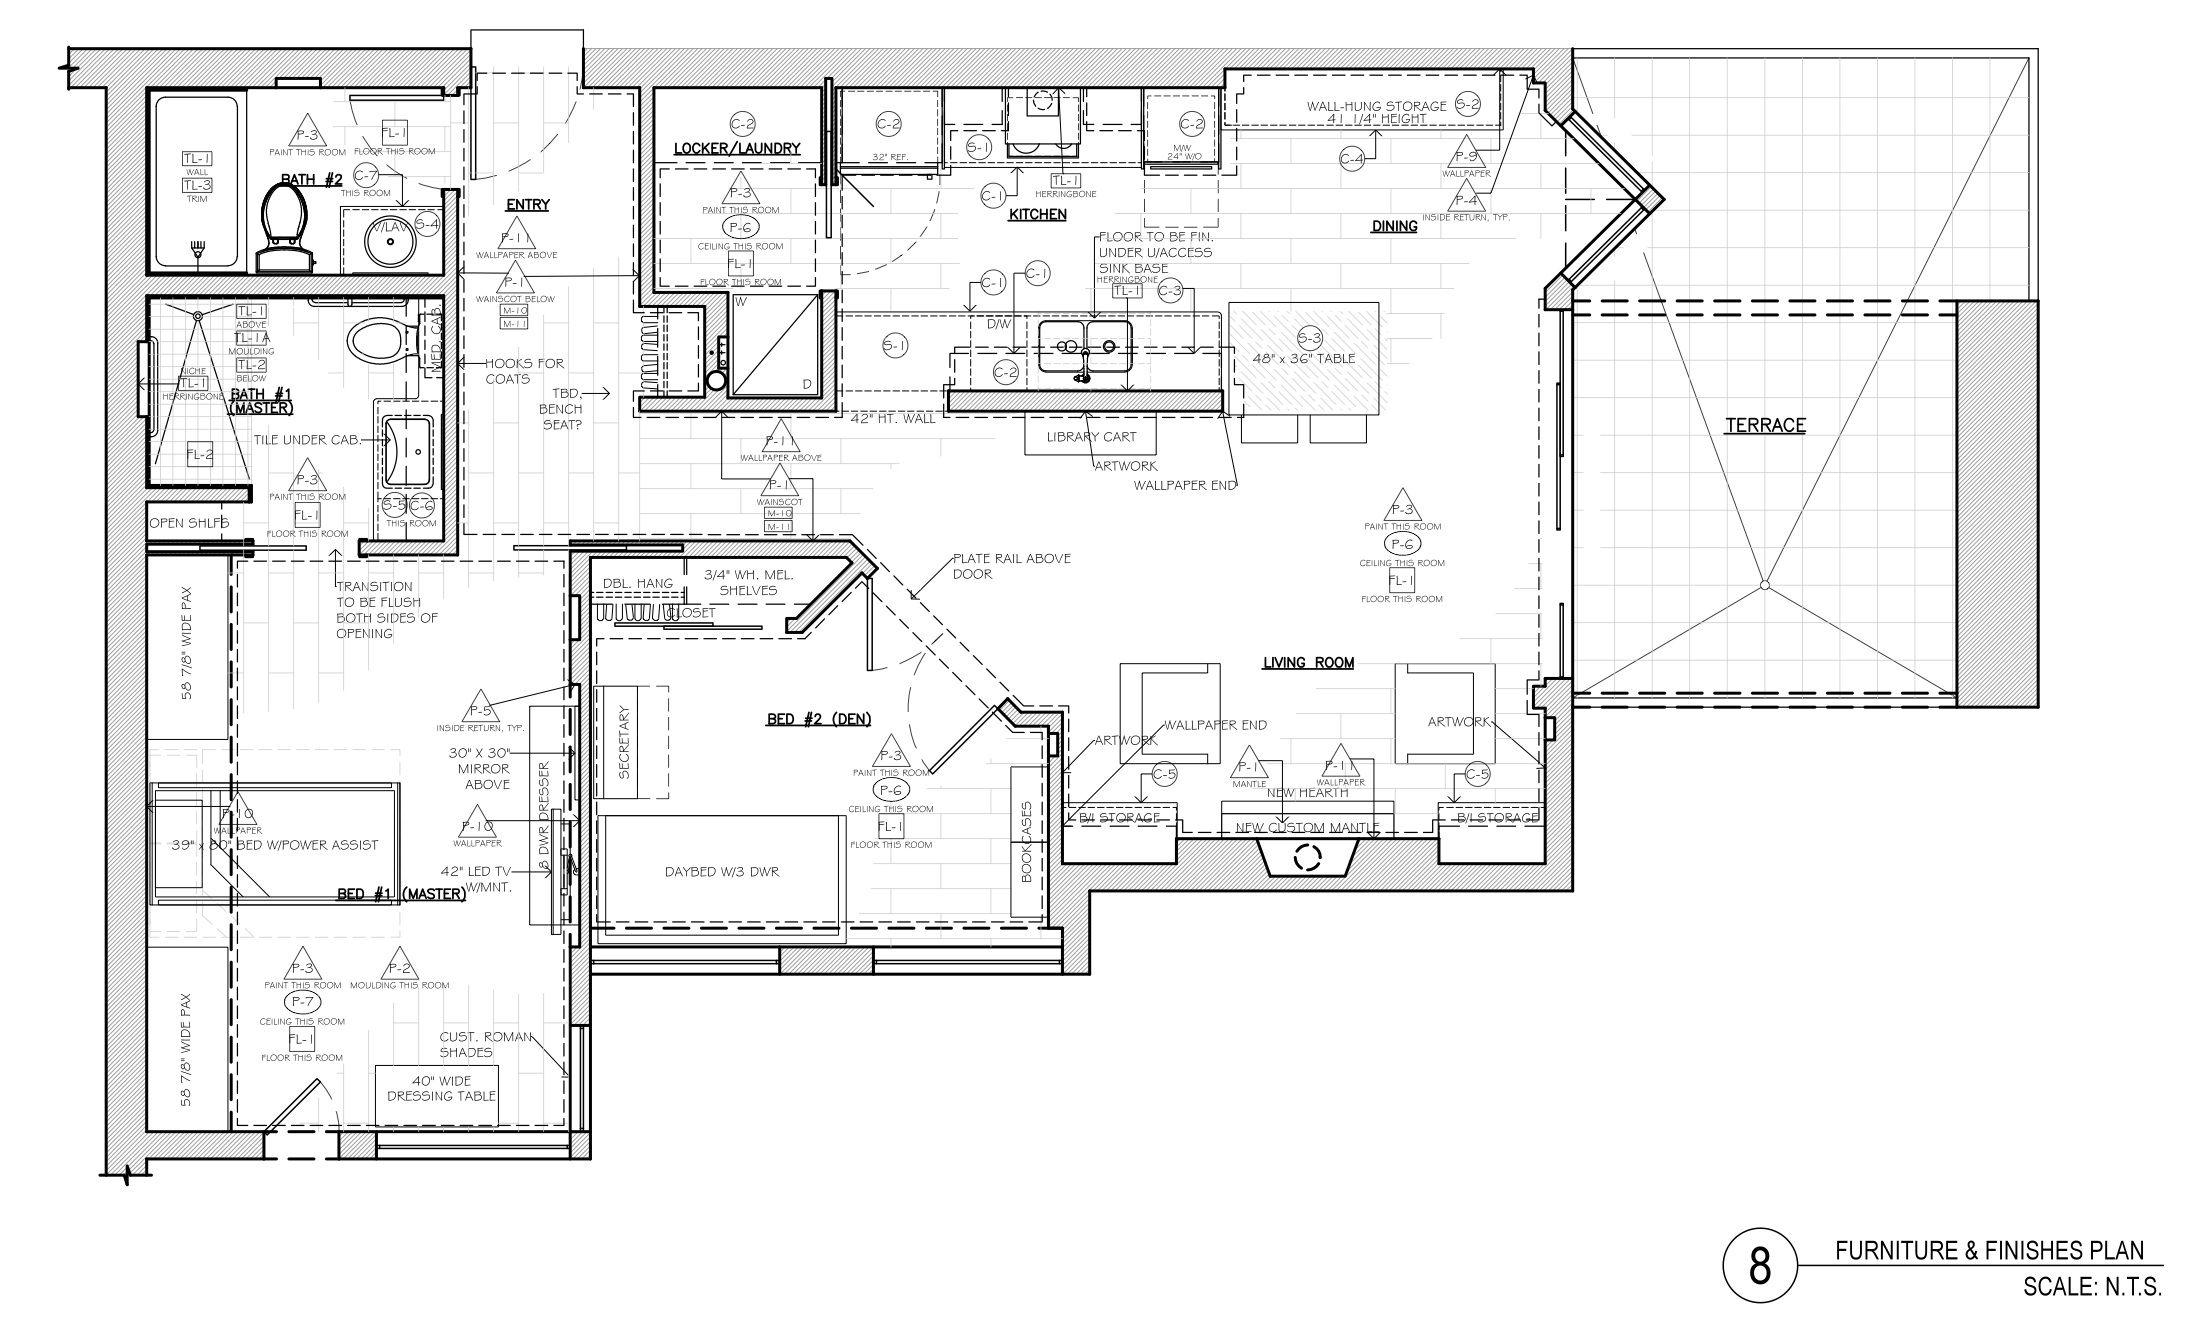 Corey Klassen Interior Design - Furniture Finishes Plan Example - (C ...